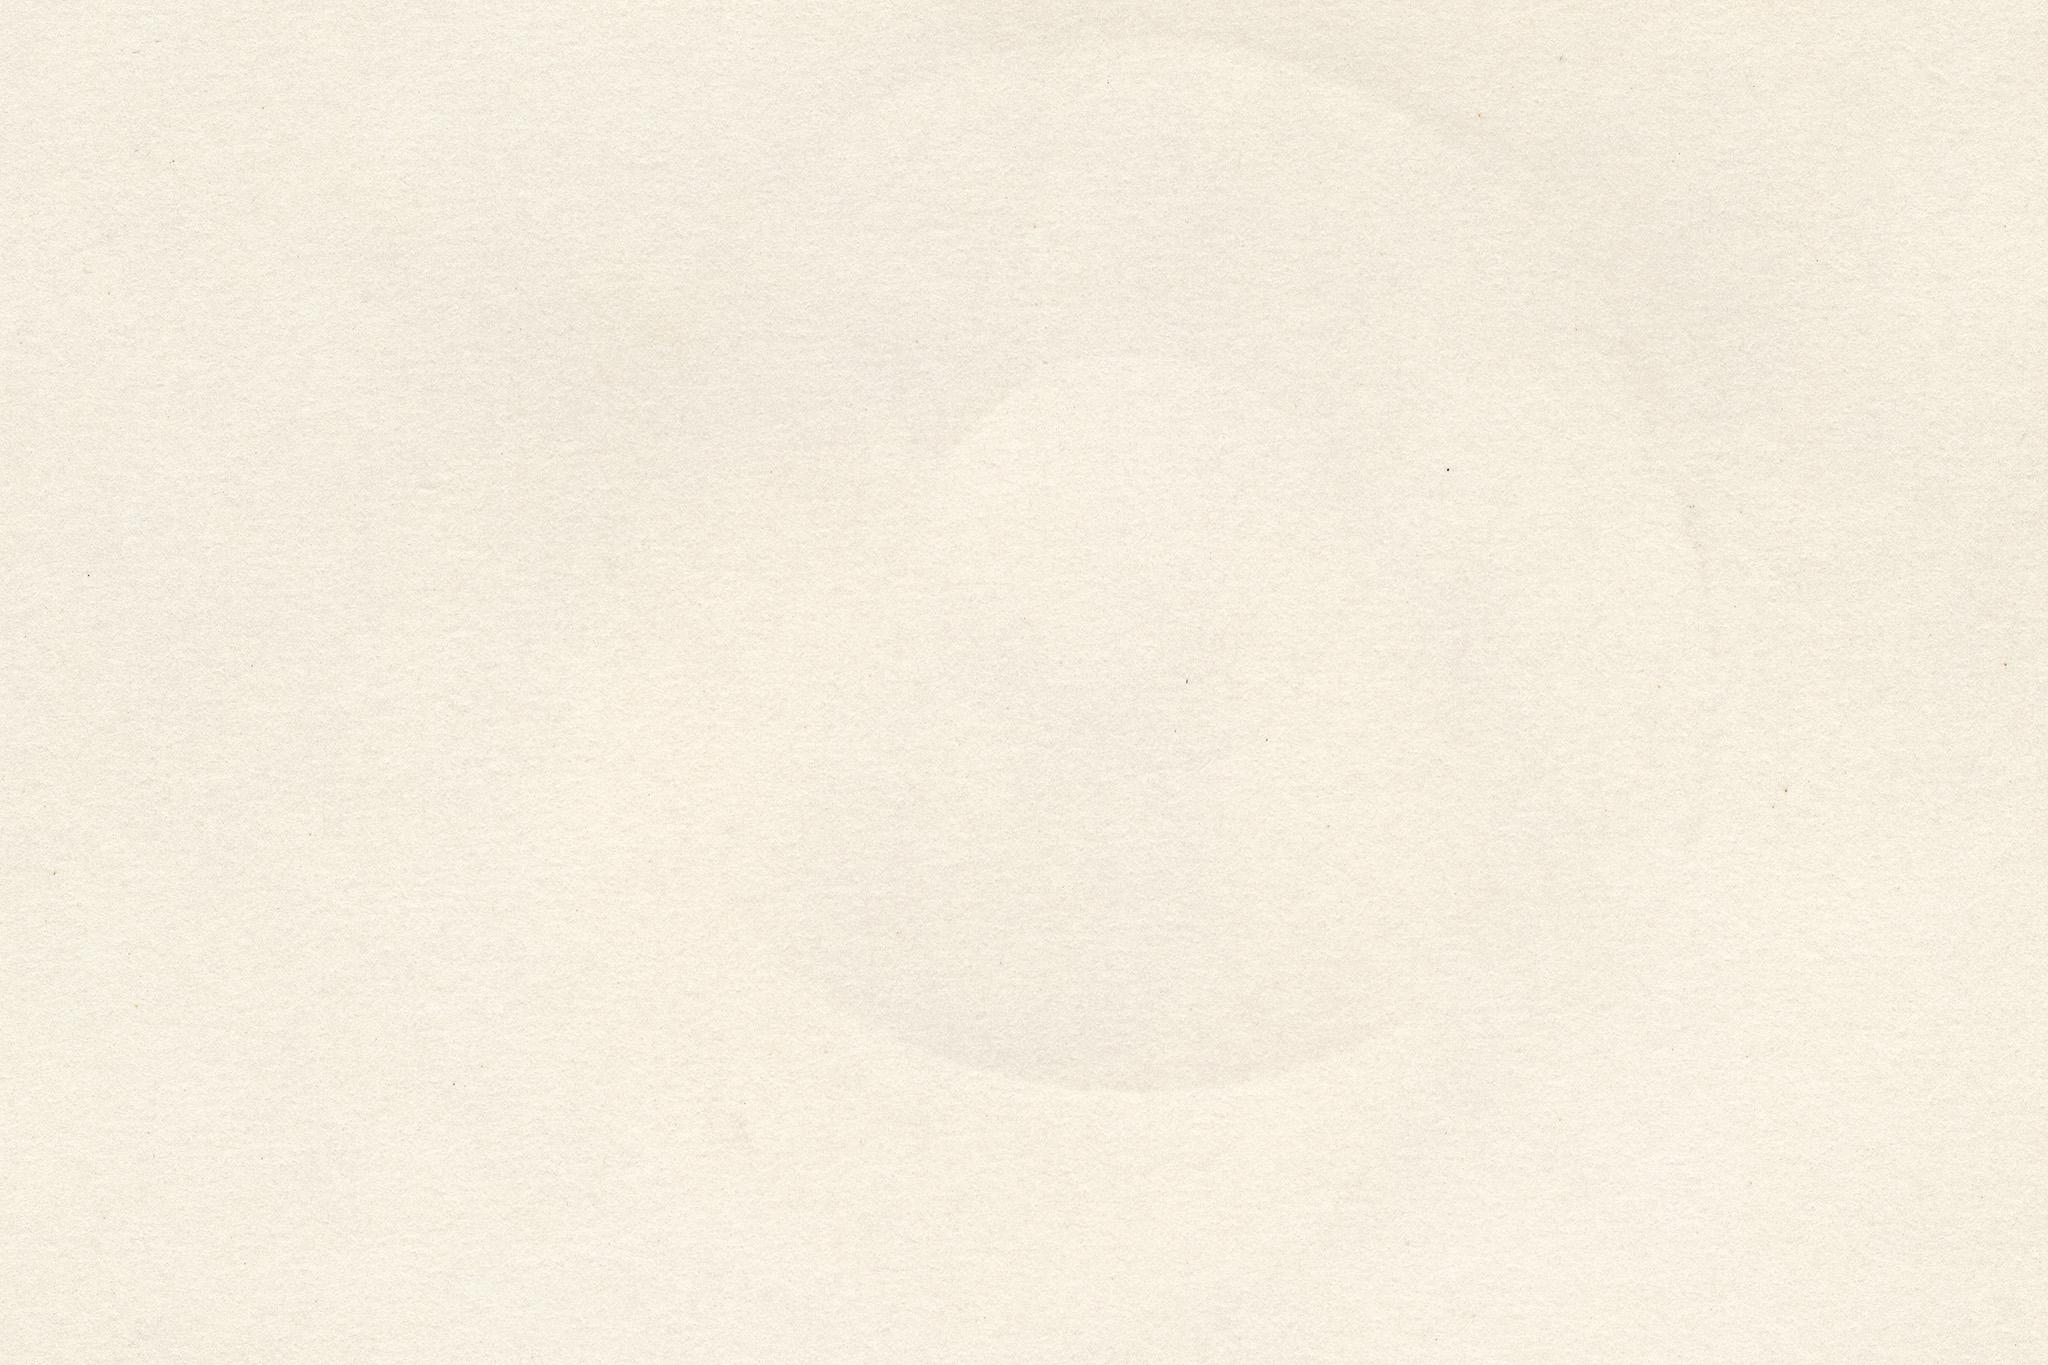 「丸い型がついたコピー用紙」の画像を無料ダウンロード